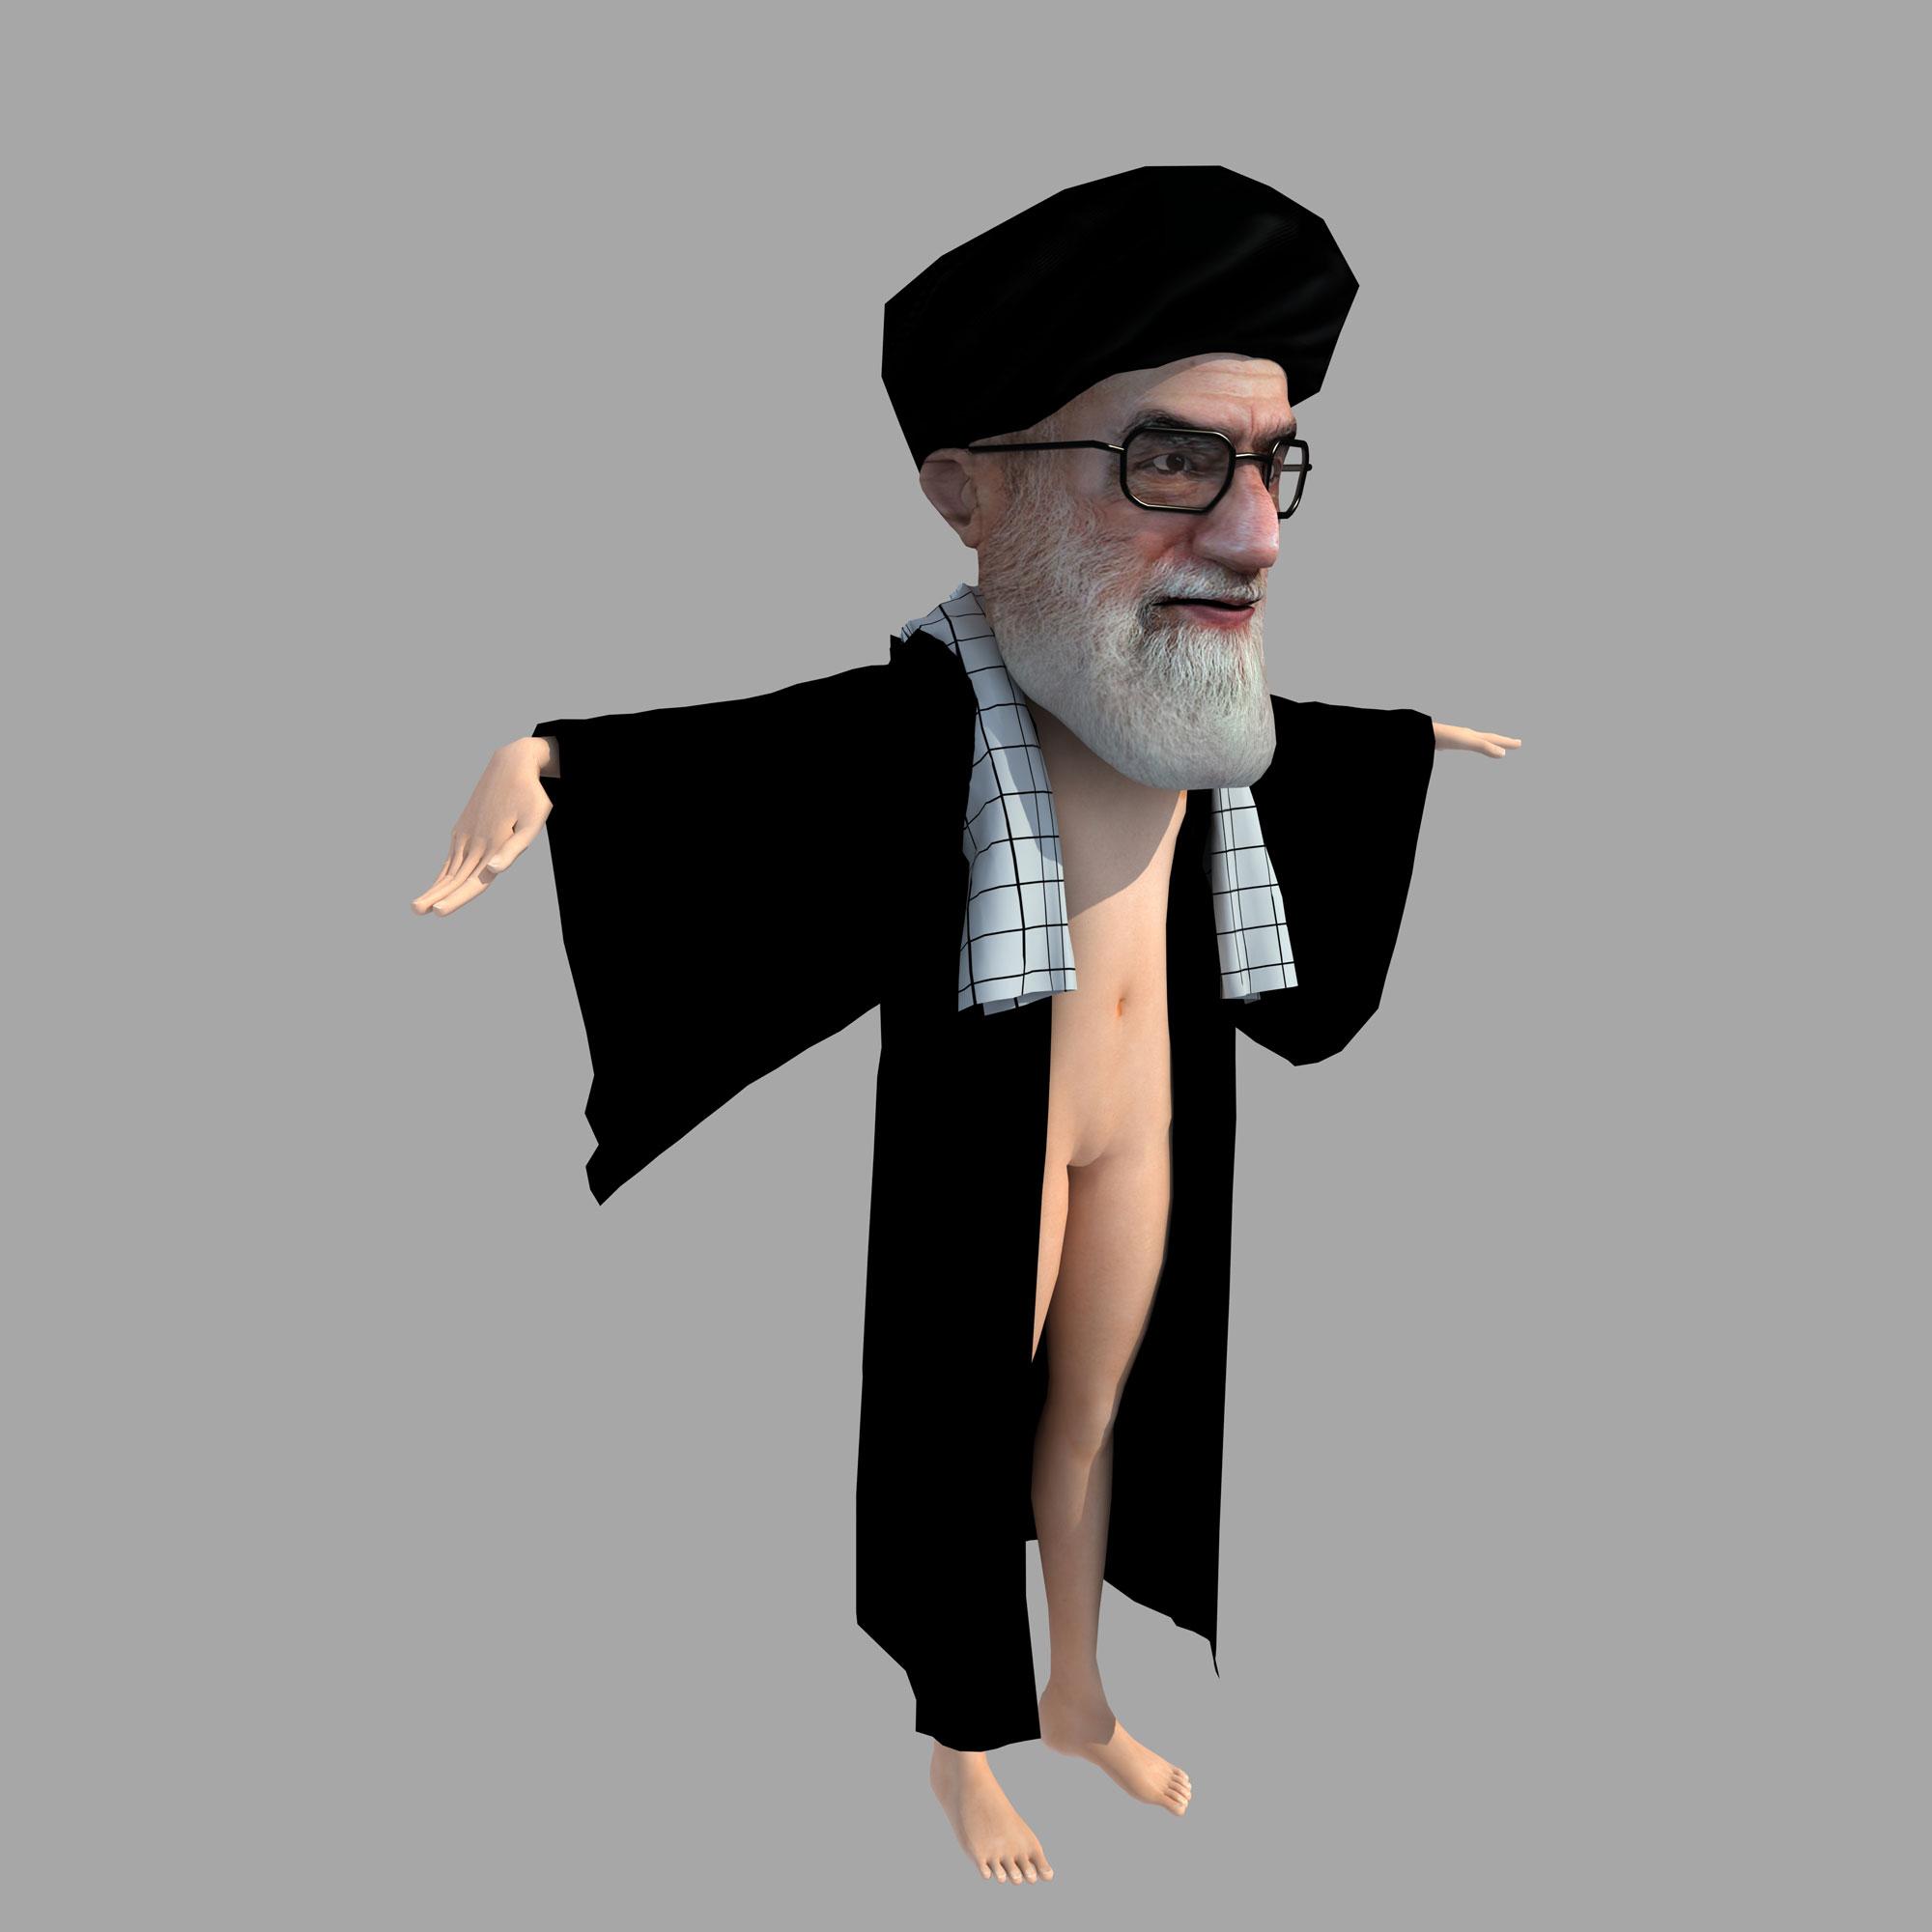 مرکز عکس هنرمندان و ورزشکاران ایران